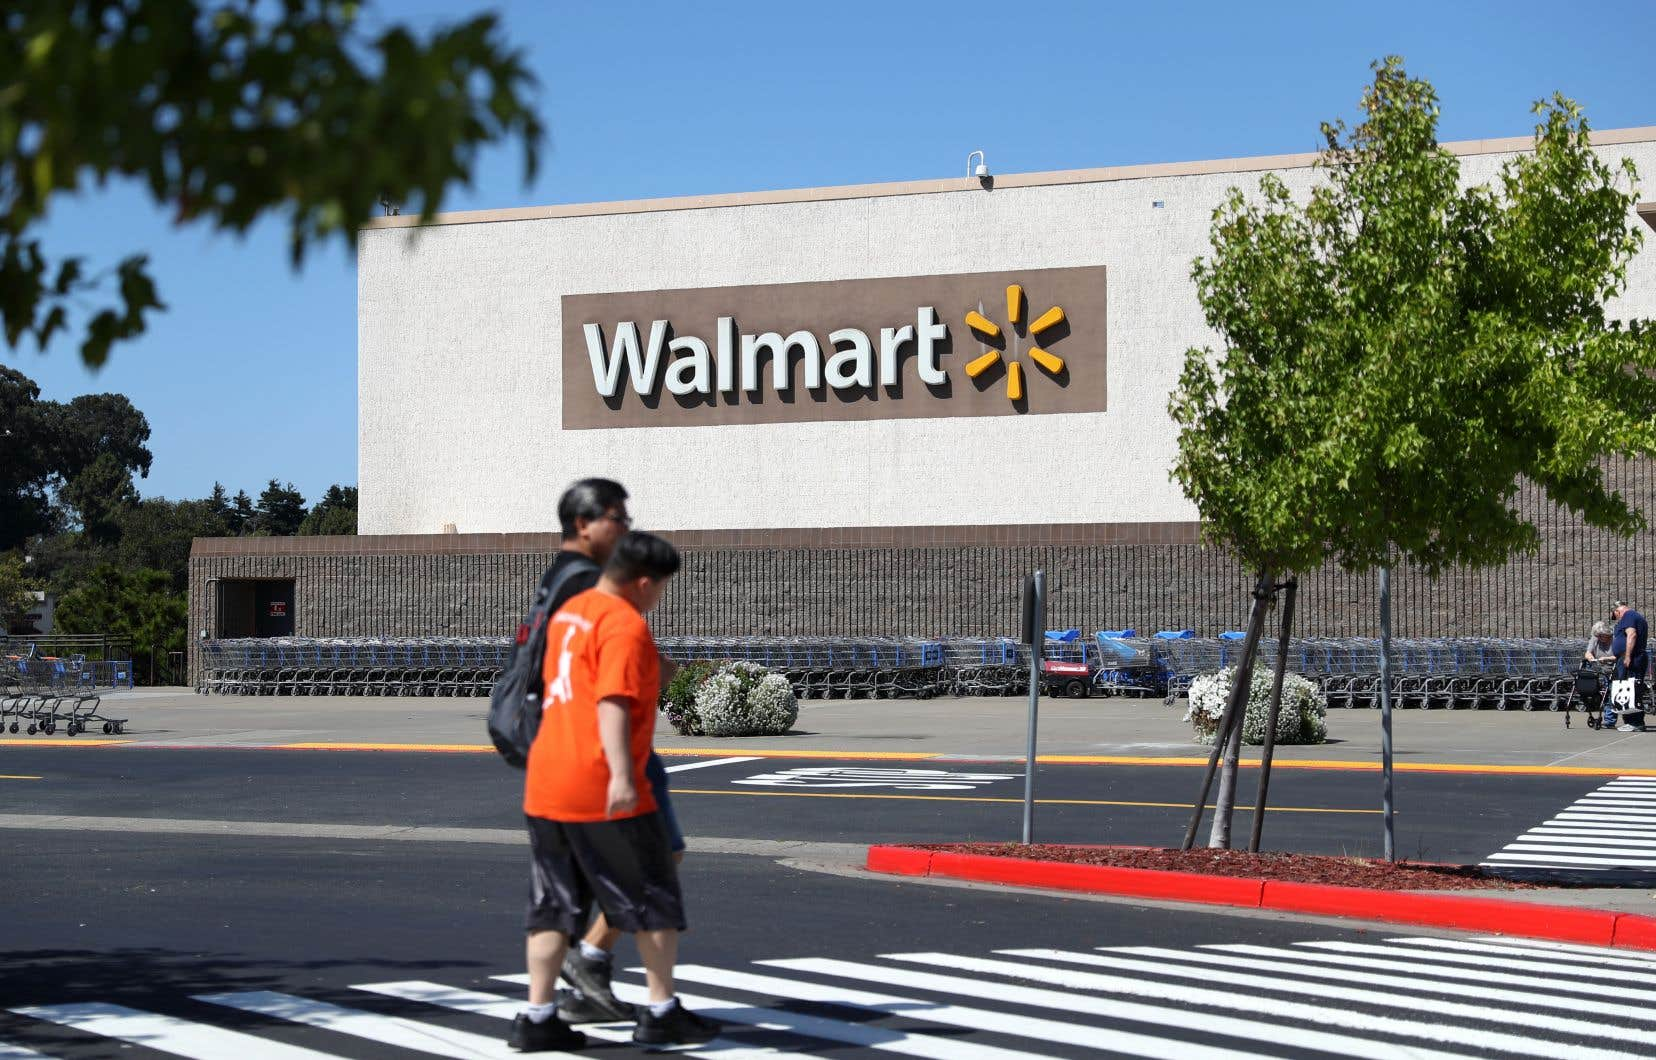 Les ventes des magasins Walmart ouverts au moins un an ont augmenté de 2,8%, ce qui constitue un 20etrimestre consécutif de croissance.